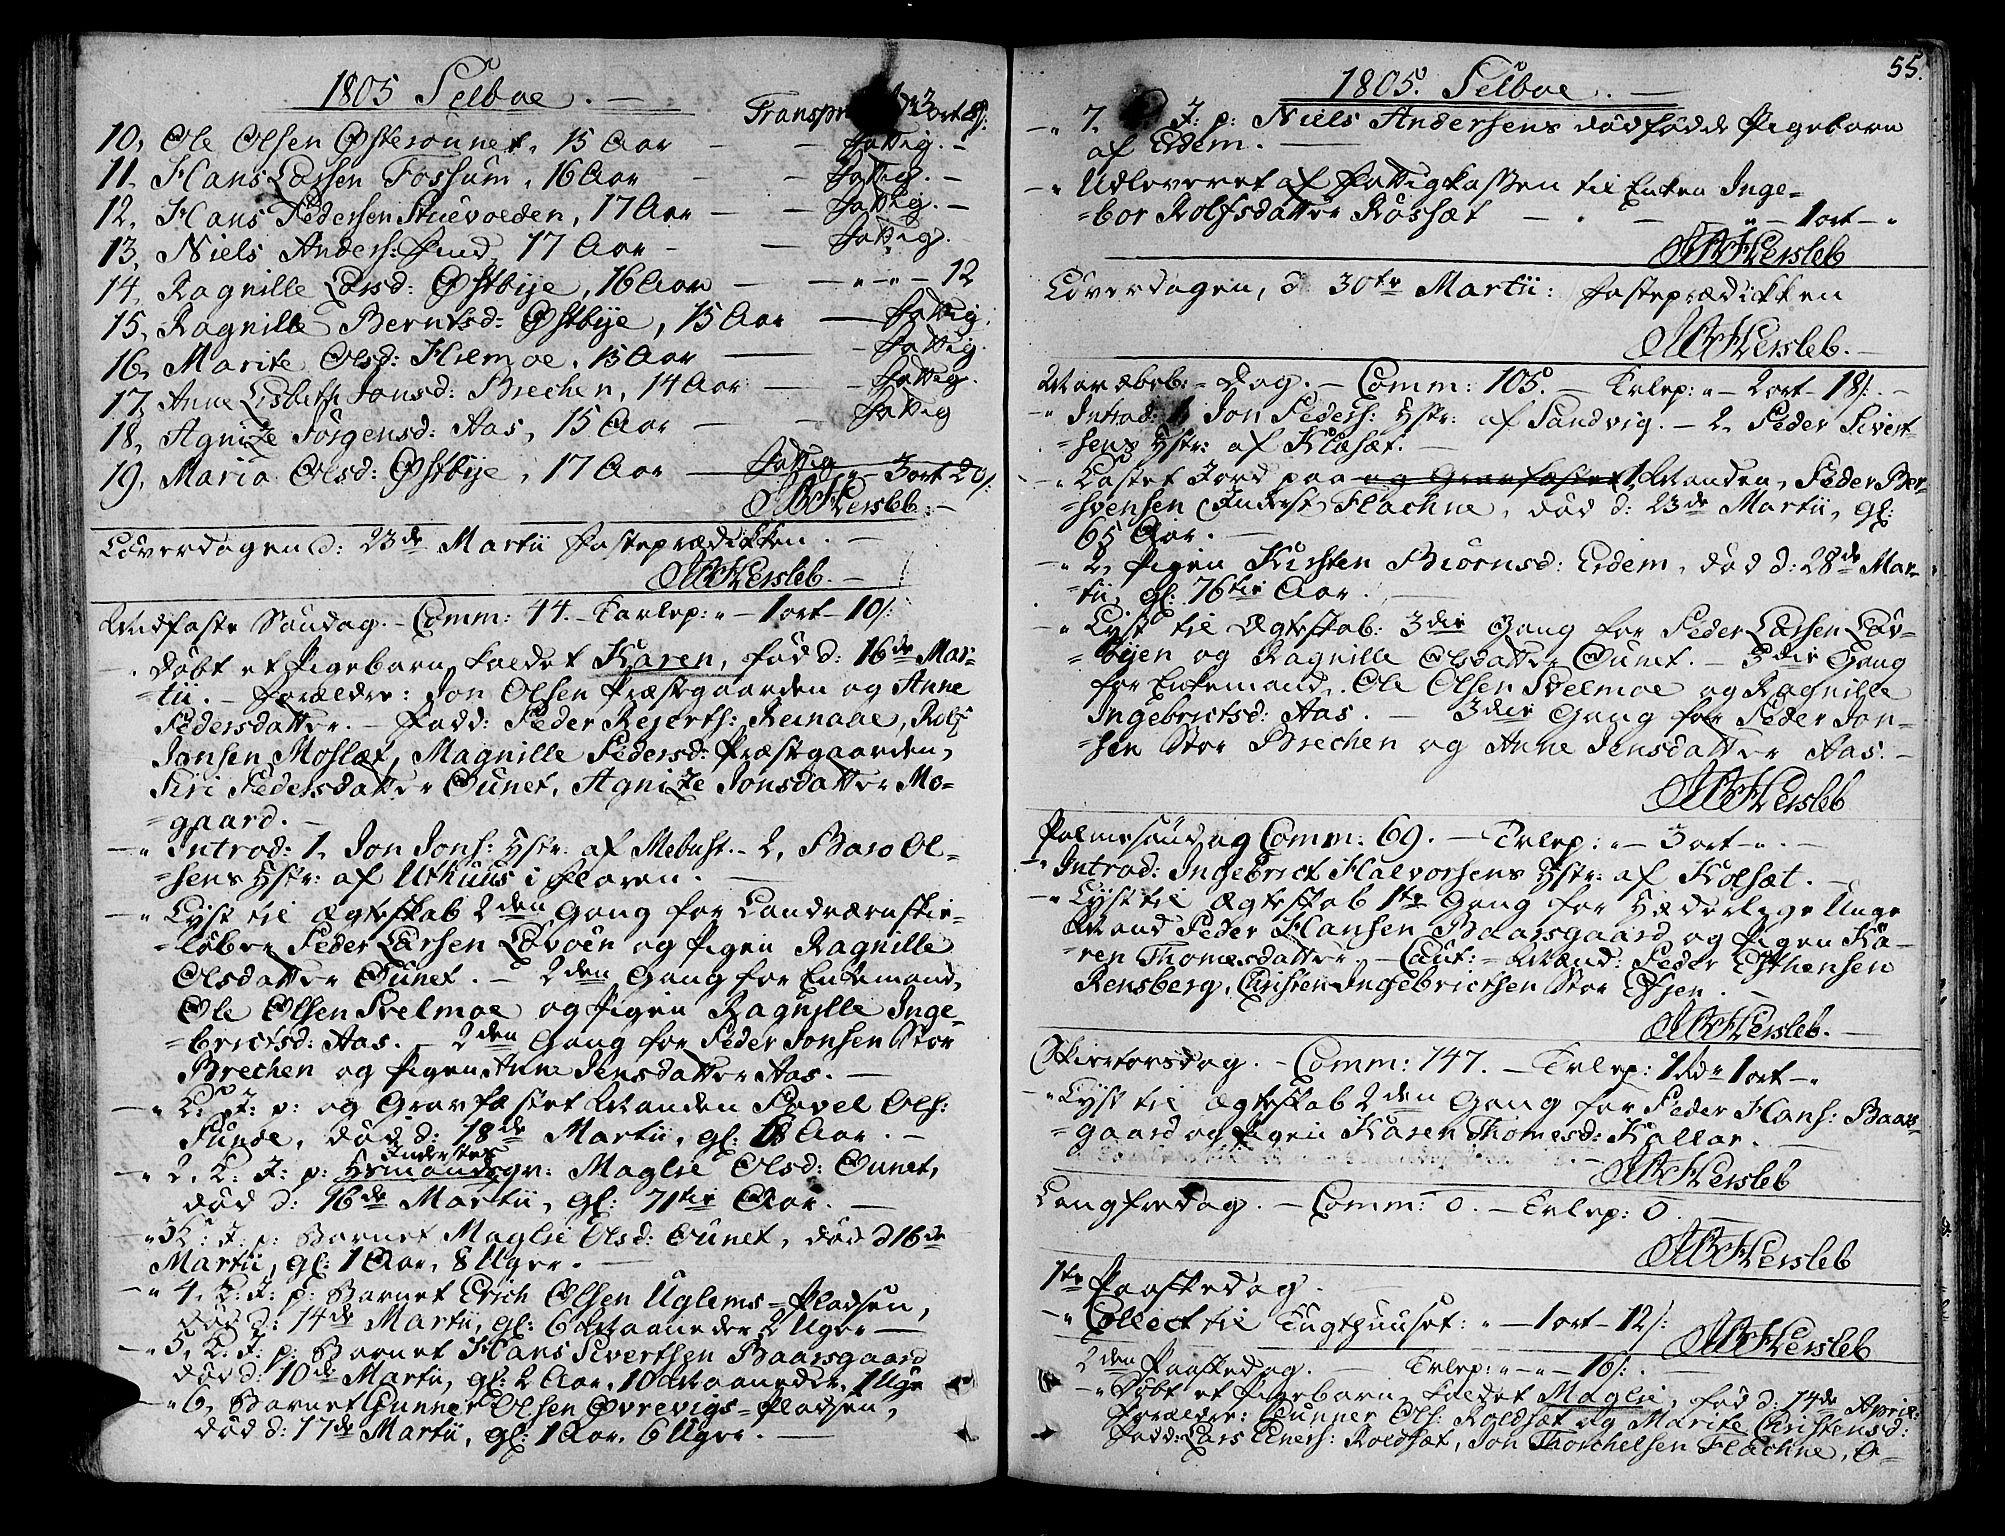 SAT, Ministerialprotokoller, klokkerbøker og fødselsregistre - Sør-Trøndelag, 695/L1140: Ministerialbok nr. 695A03, 1801-1815, s. 55